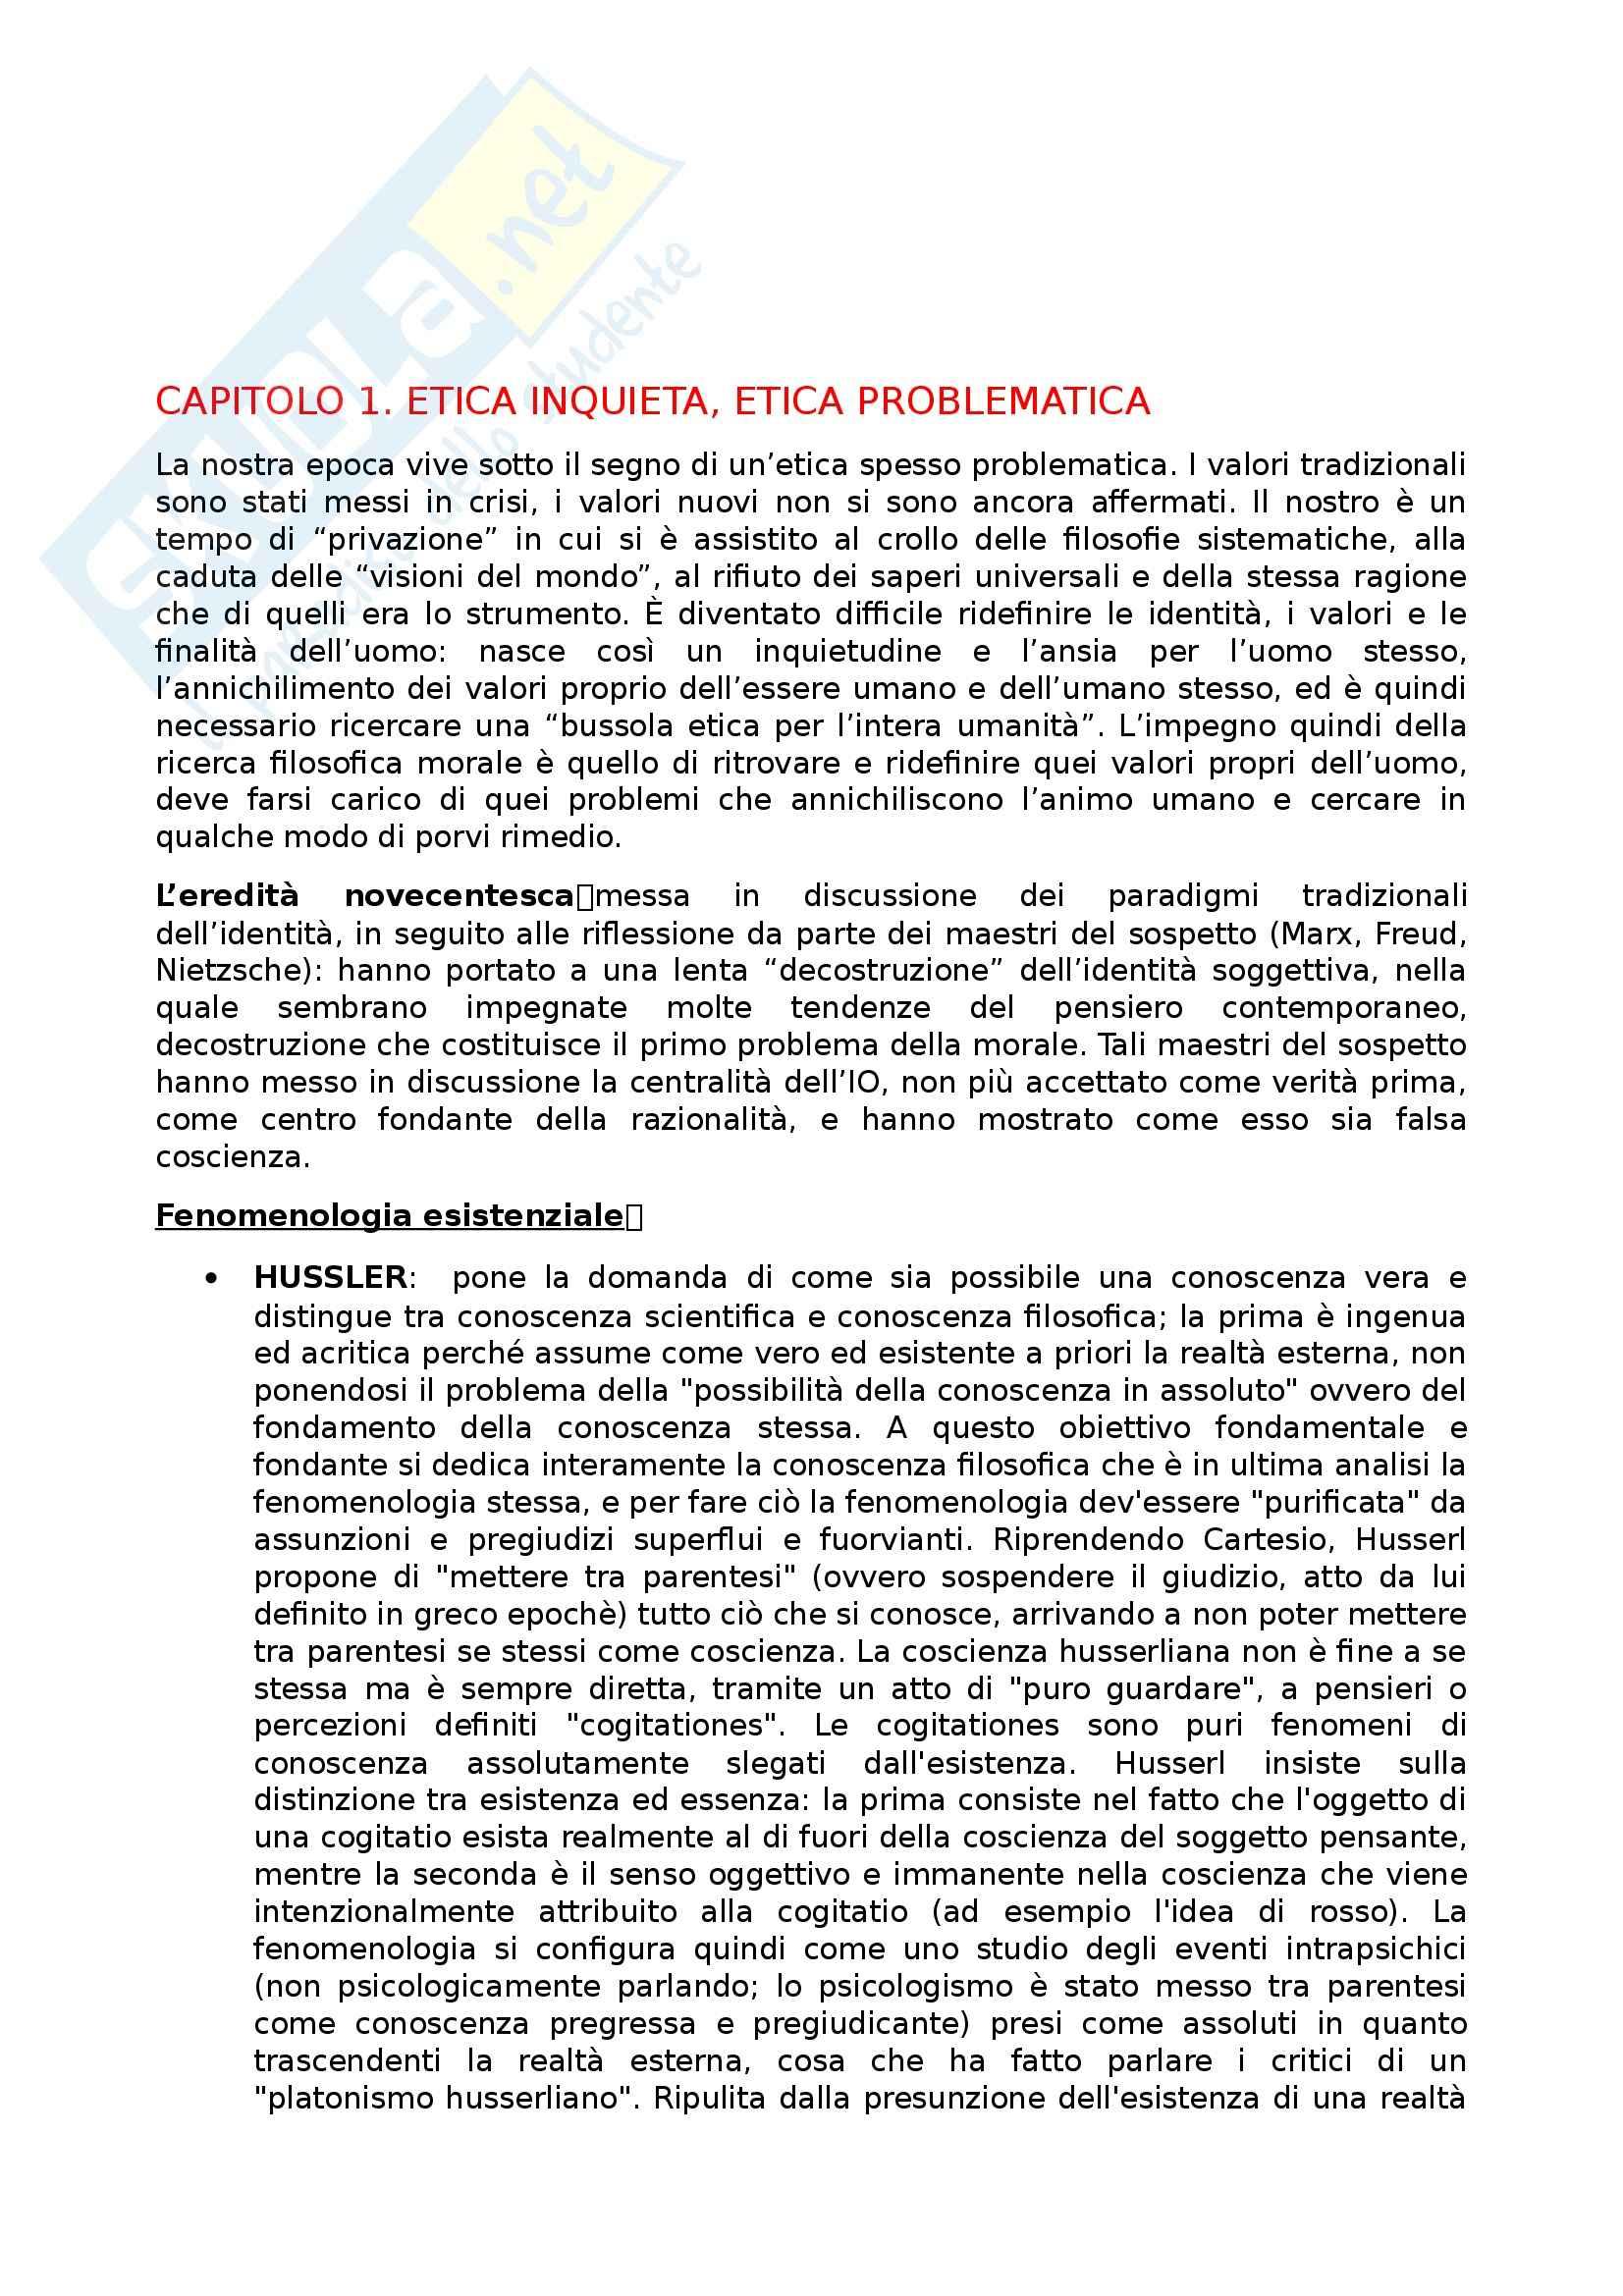 Riassunto esame Filosofia Morale, prof. Battaglia, libro consigliato Piccolo Manuale di Etica Contemporanea, Brezzi